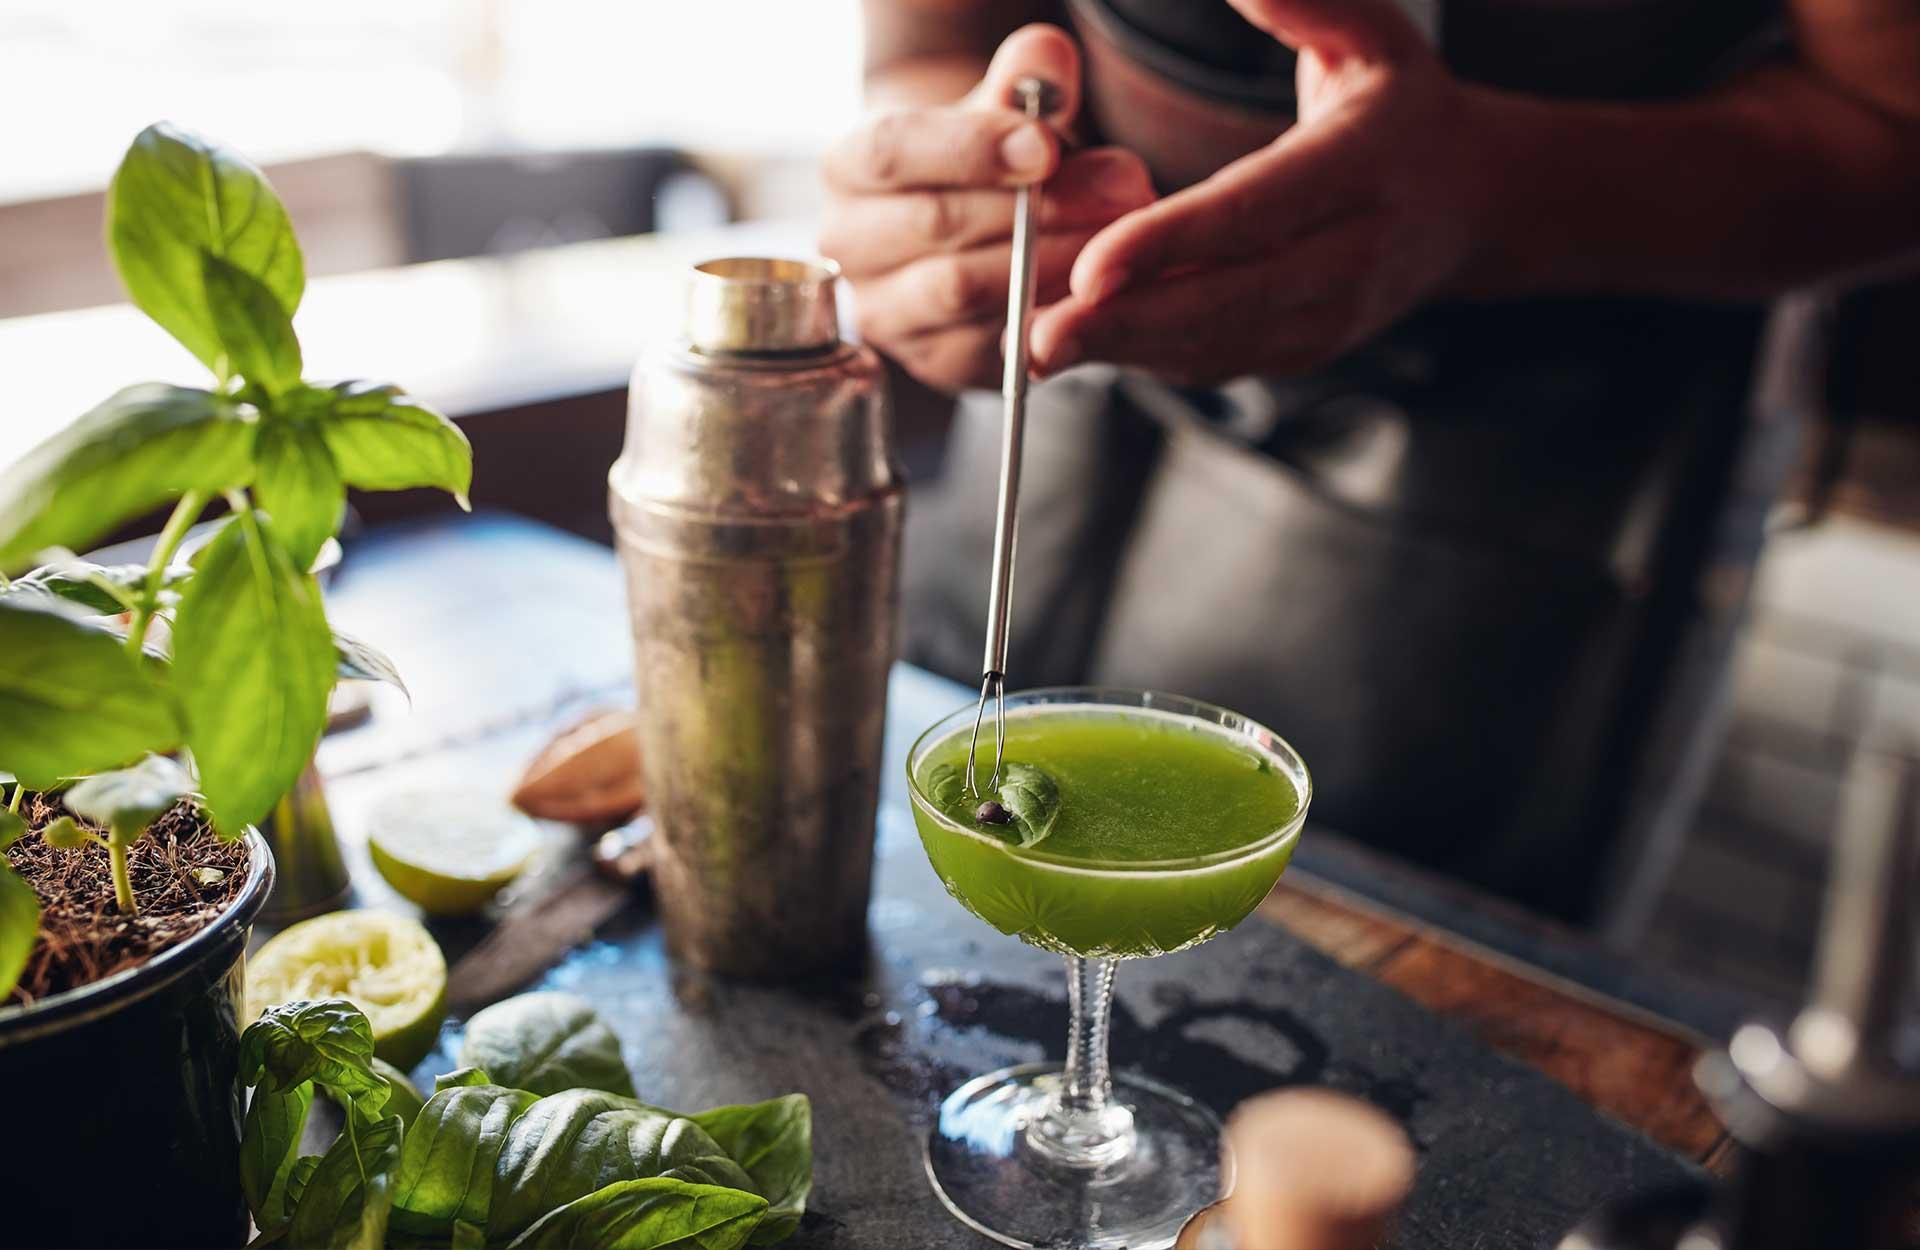 Brudeskålen - bartender